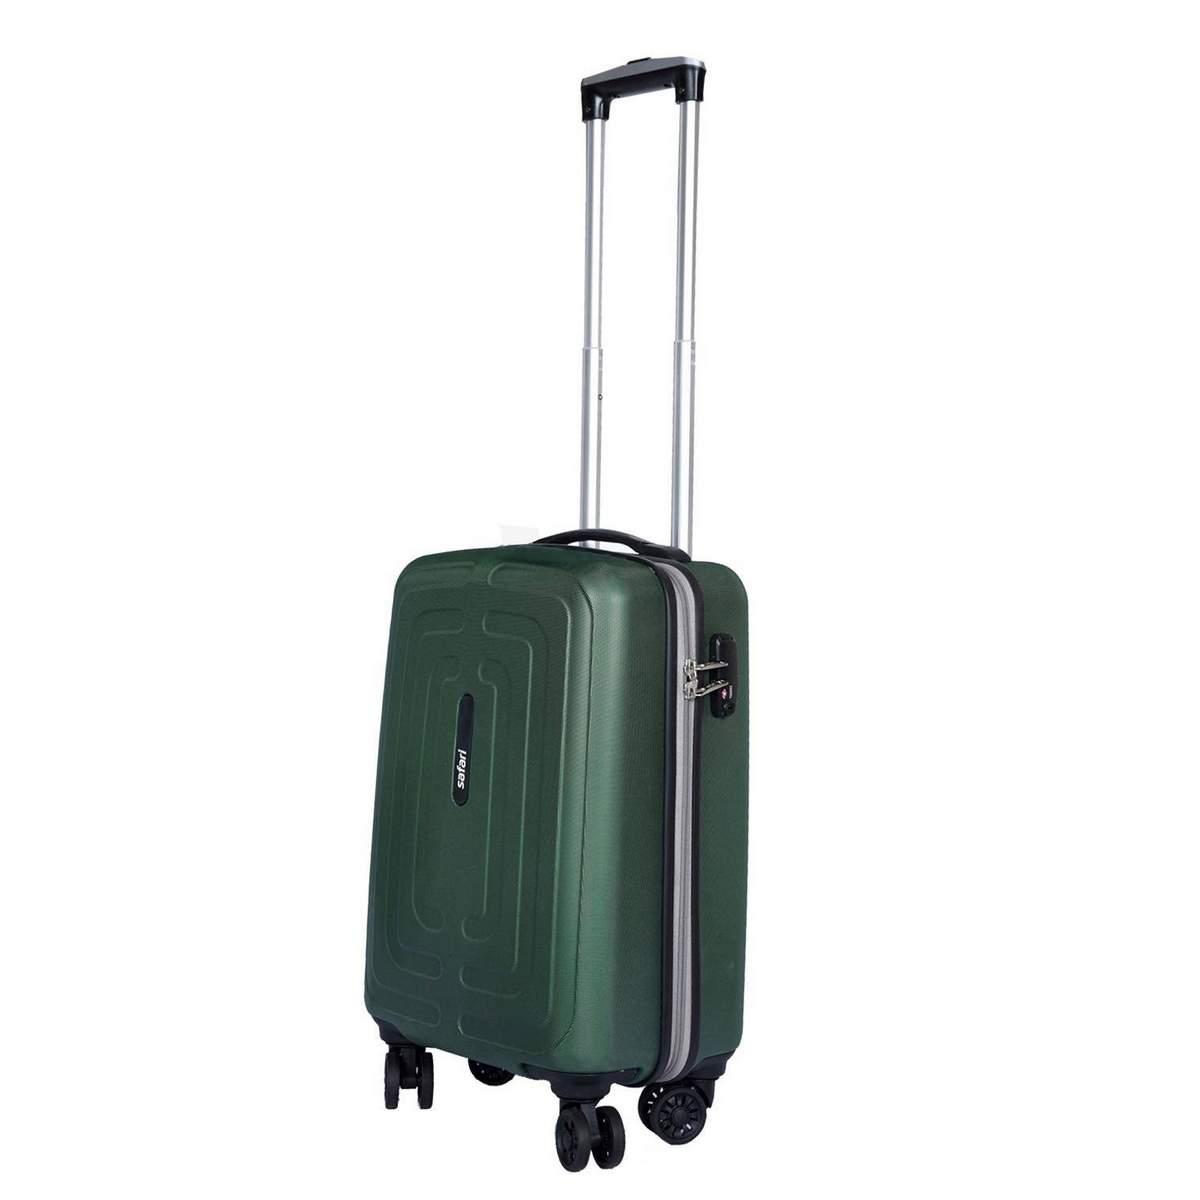 Safari Amaze 4w 55 Cm Cabin Size Hard Luggage Bag